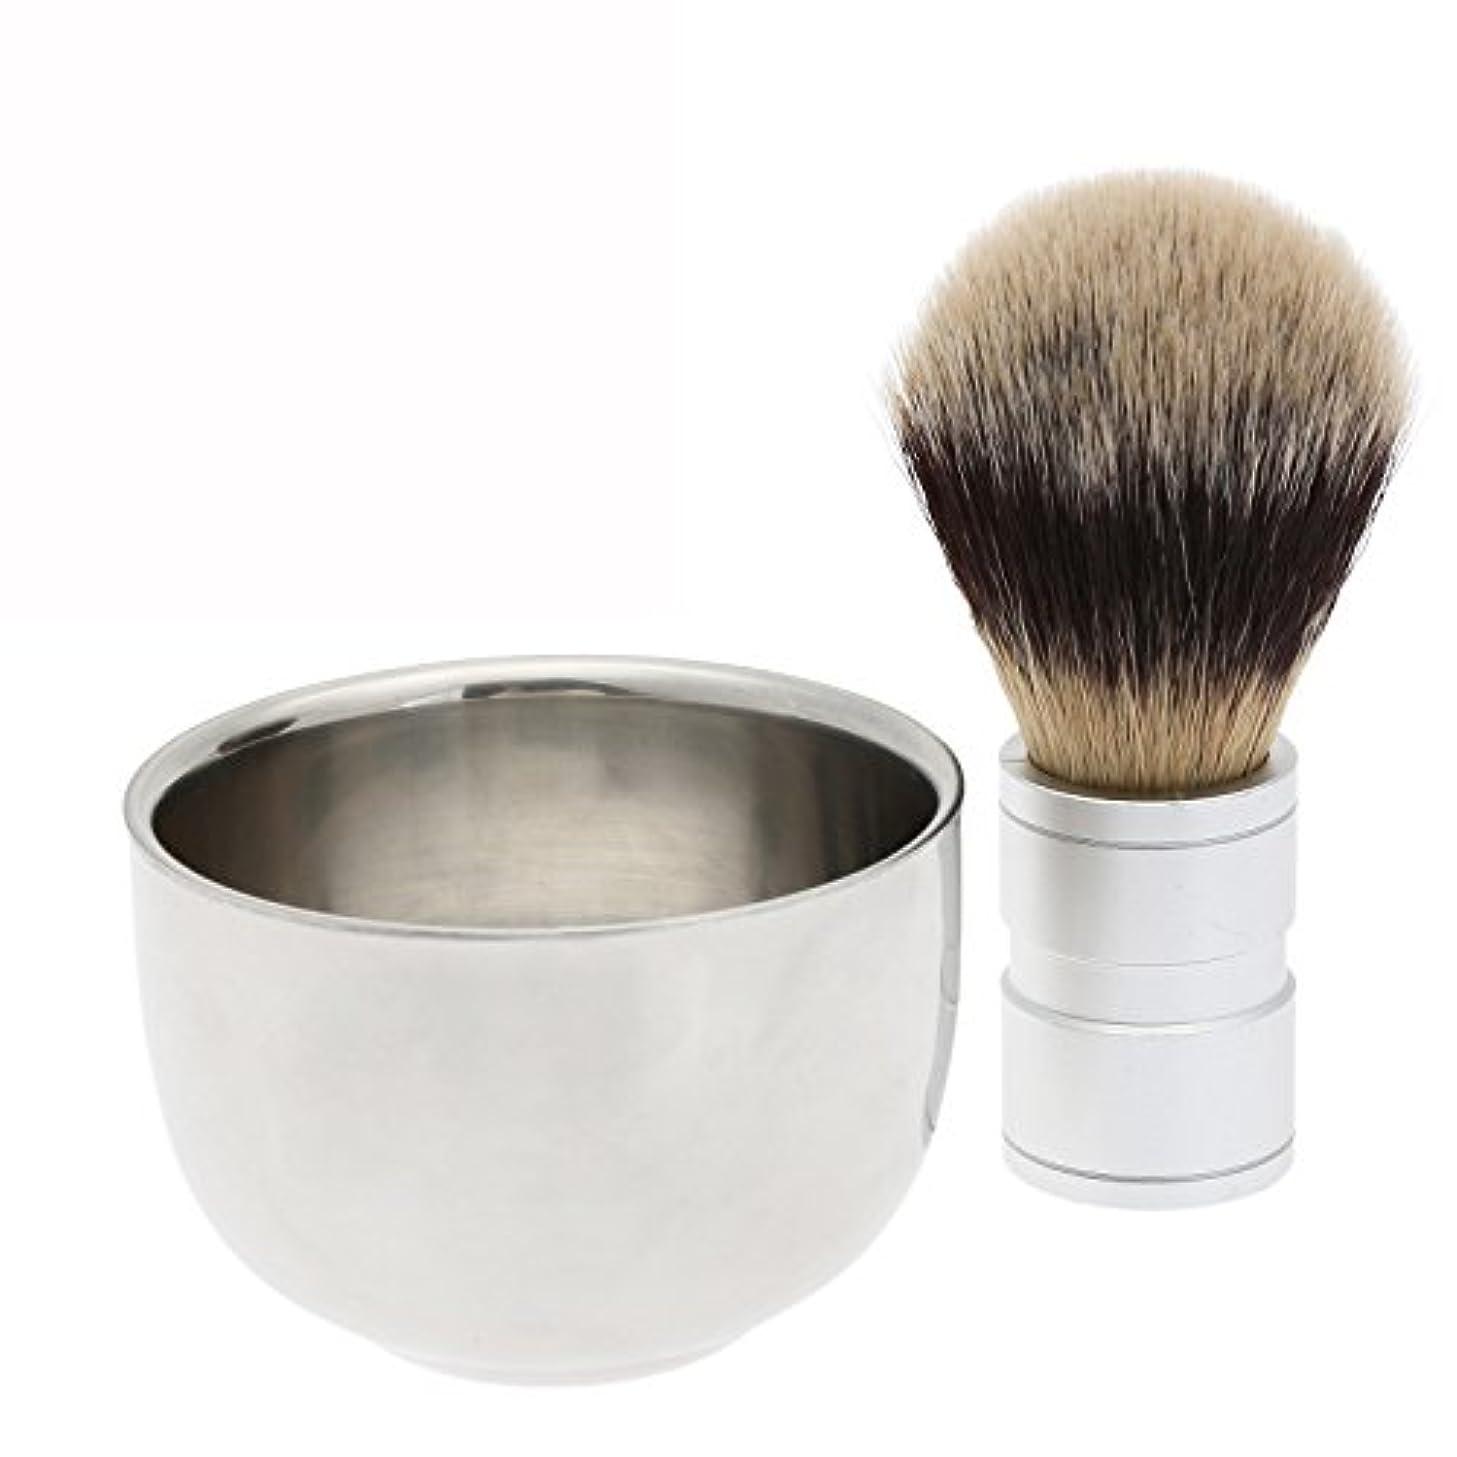 マインドフル喜ぶ歴史家2PC/セット メンズシェービング用 シェービングブラシ +ステンレス鋼のボウルマグカップ ギフト 理容 洗顔 髭剃り